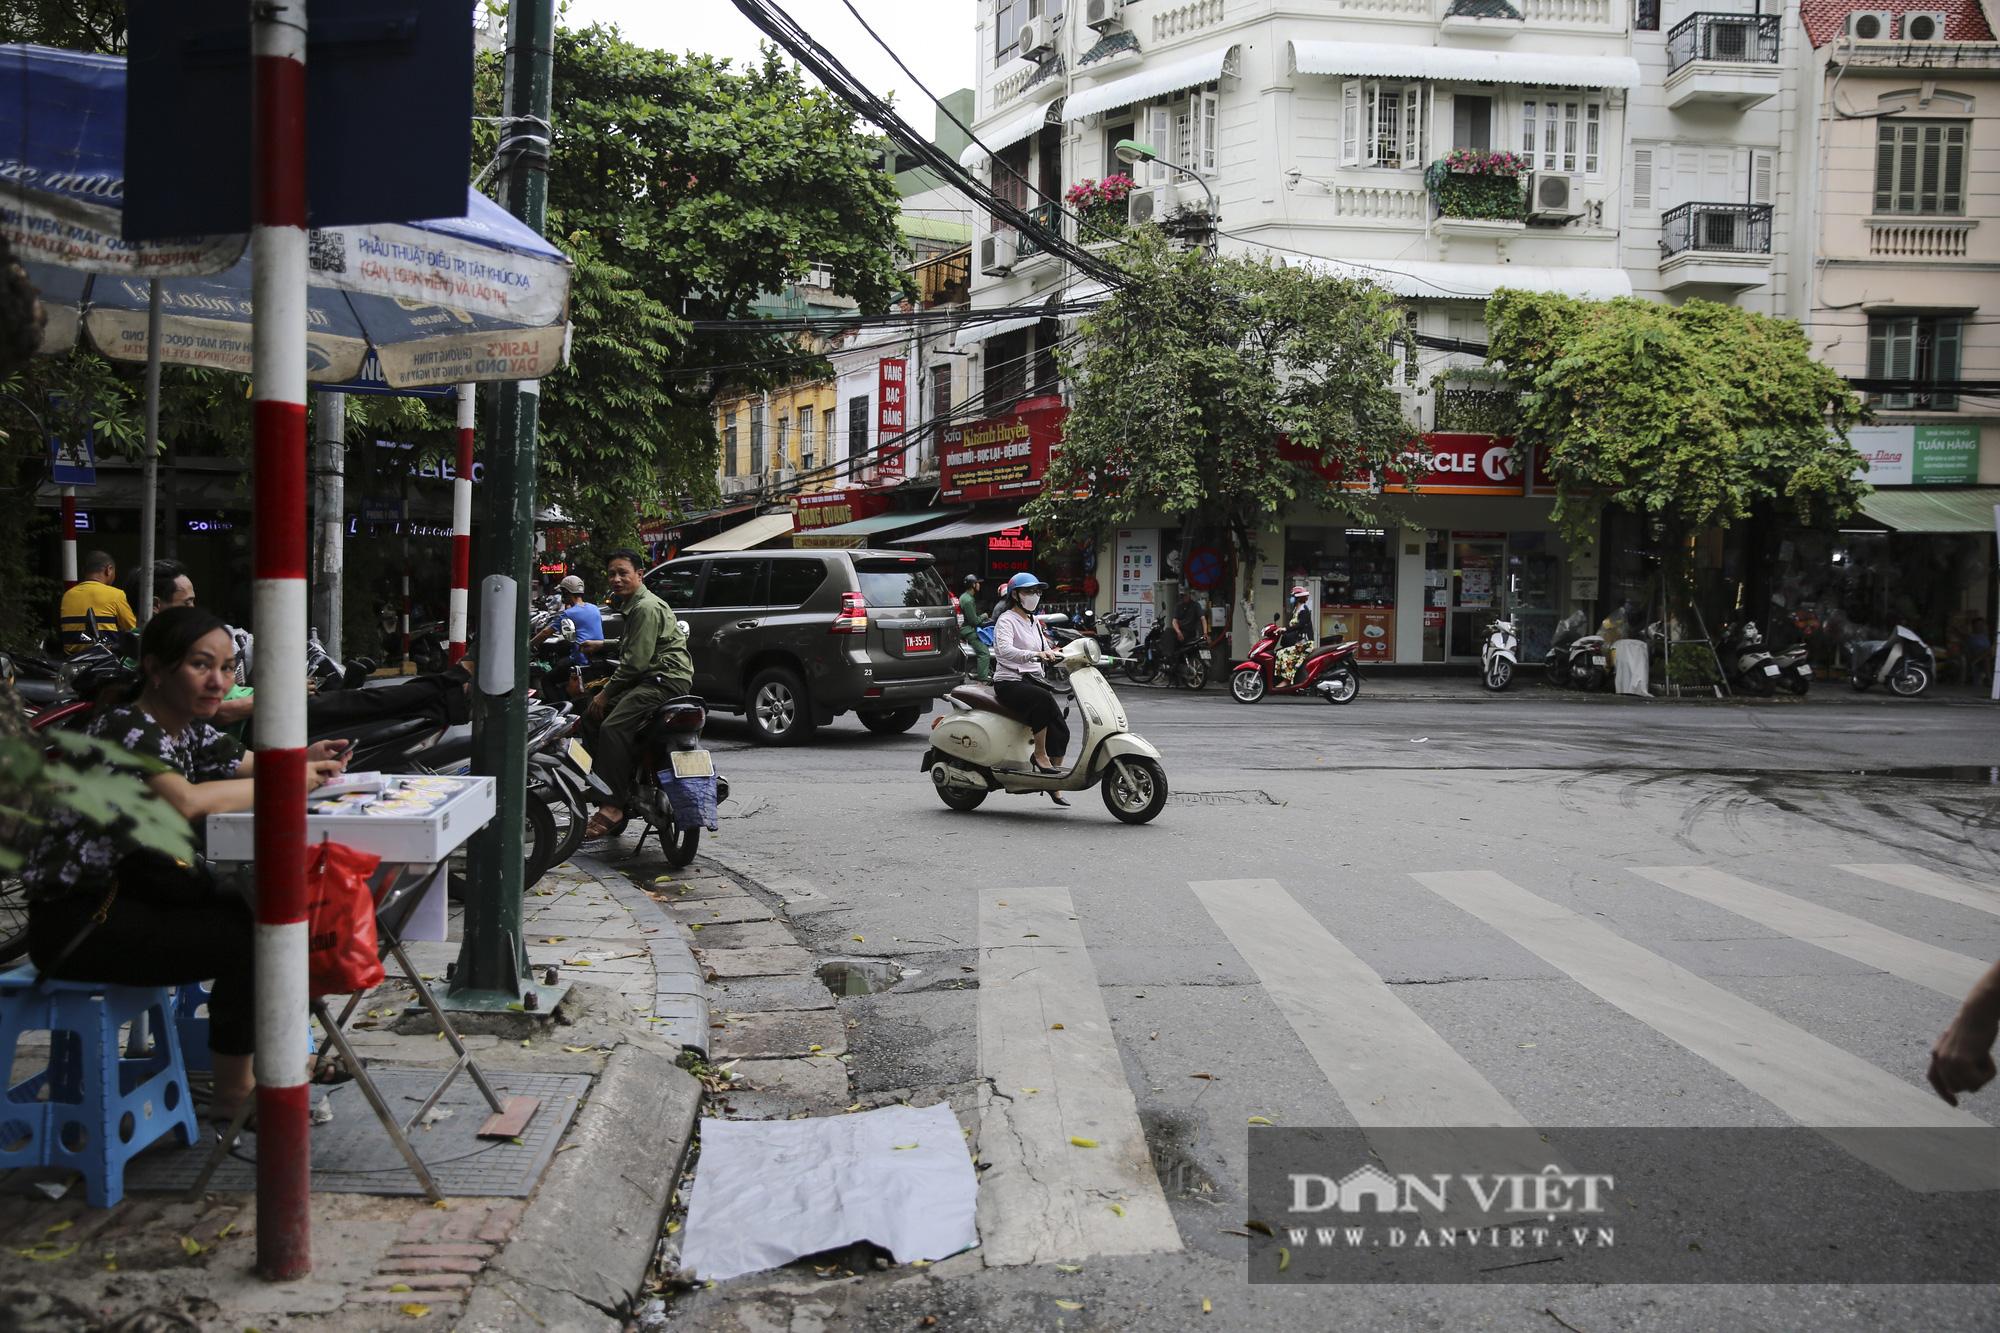 Hệ thống thoát nước bị xâm lấn, Hà Nội đứng trước nguy cơ ngập úng do mưa bão - Ảnh 5.